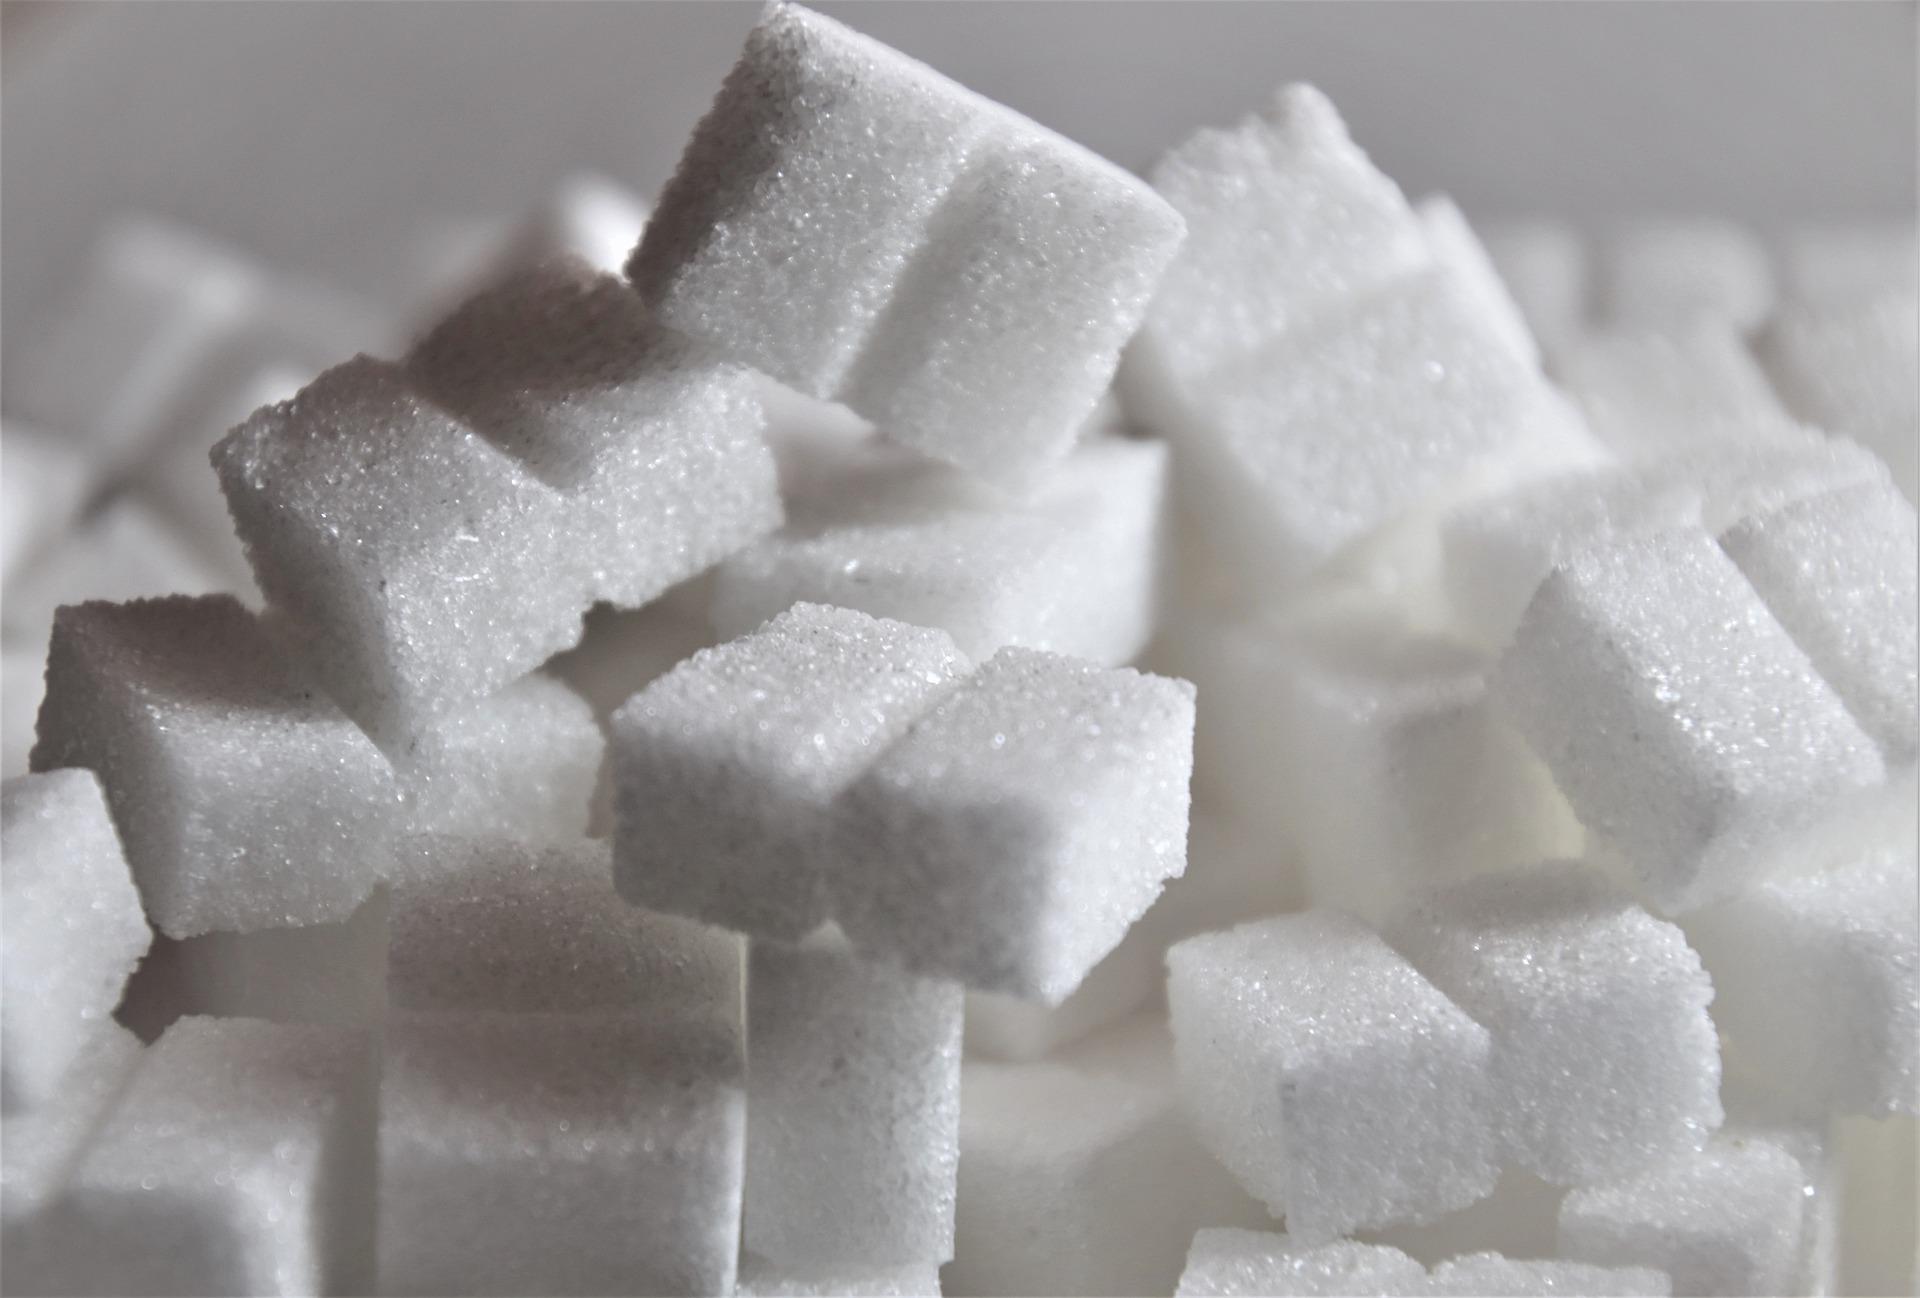 В России установят предельные цены на сахар и подсолнечное масло